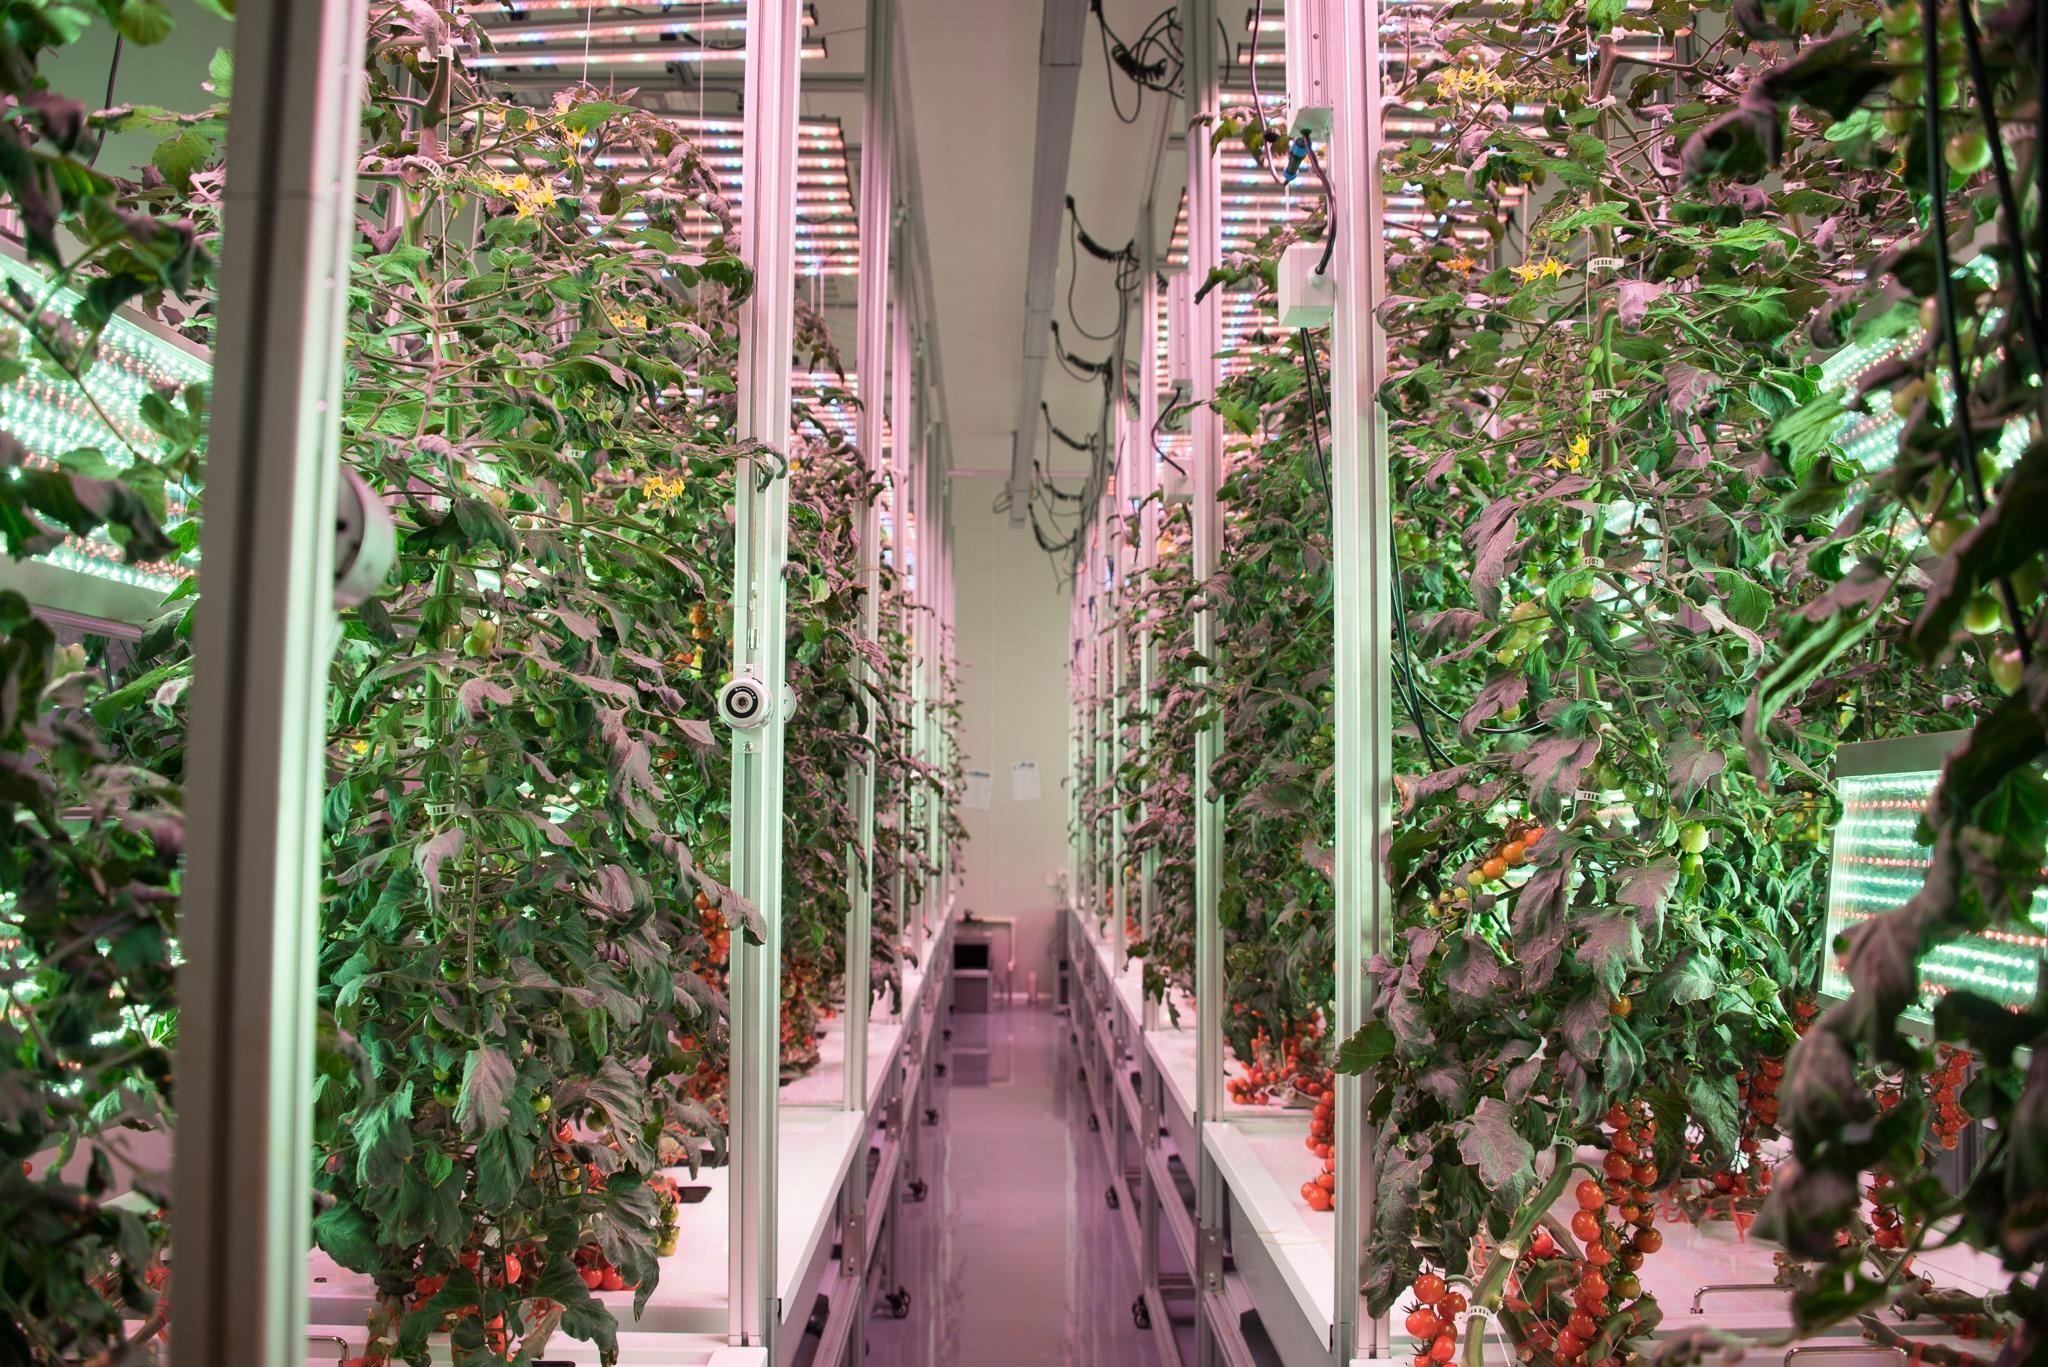 AessenseGrows Fresh AEtrium-4 Tomato Growth